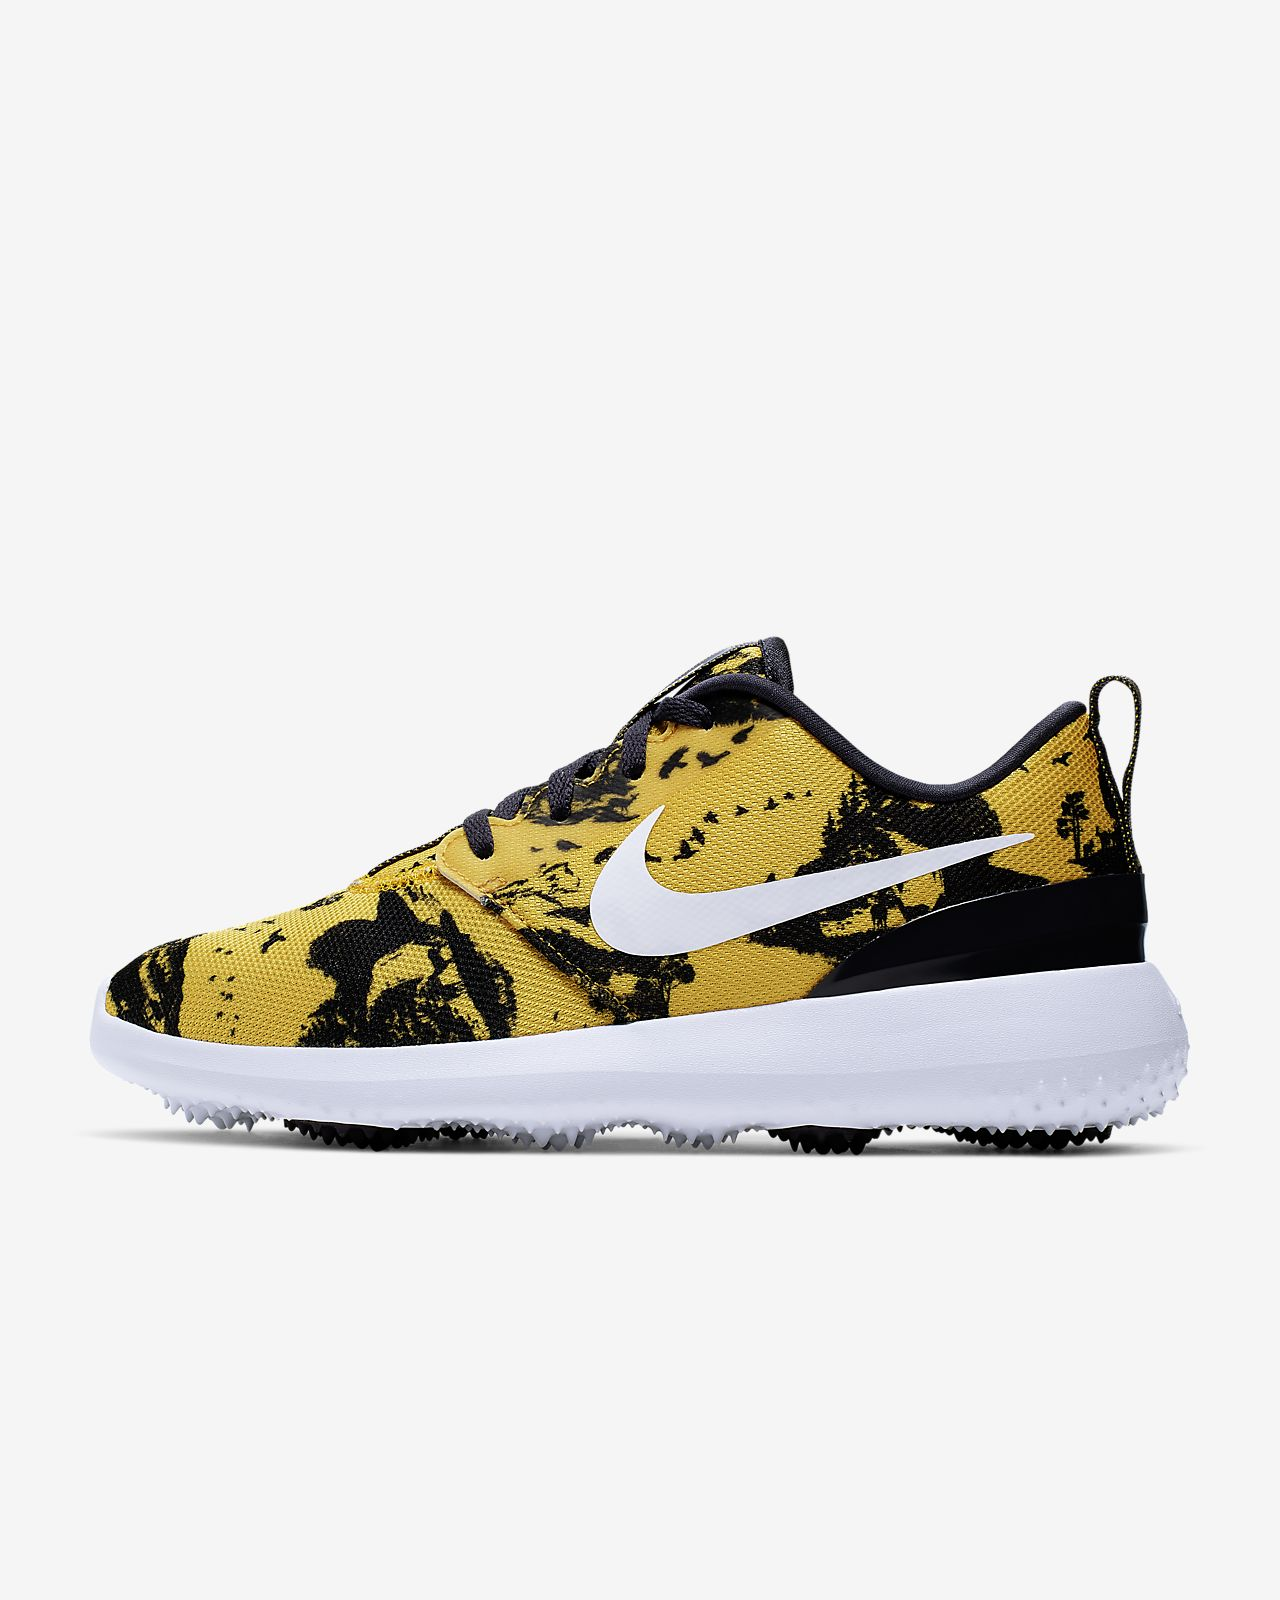 Nike Roshe G Women's Golf Shoe